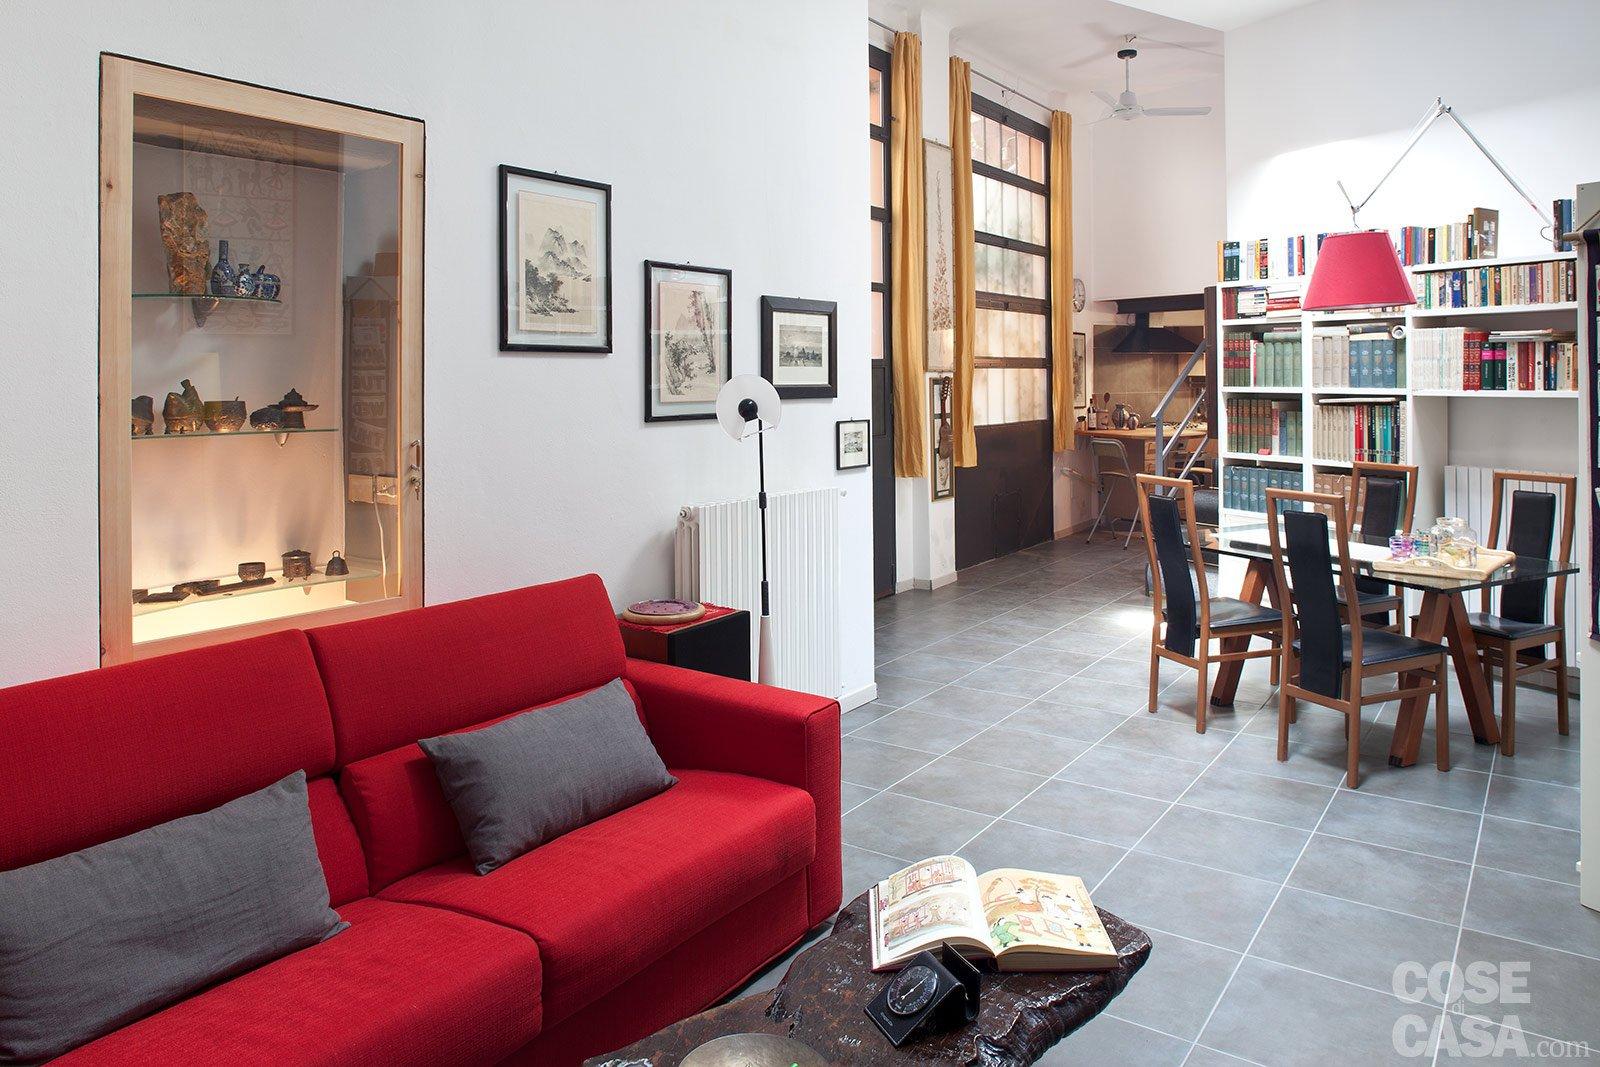 Idee per progettare una casa idee creative e innovative for Progettare una casa